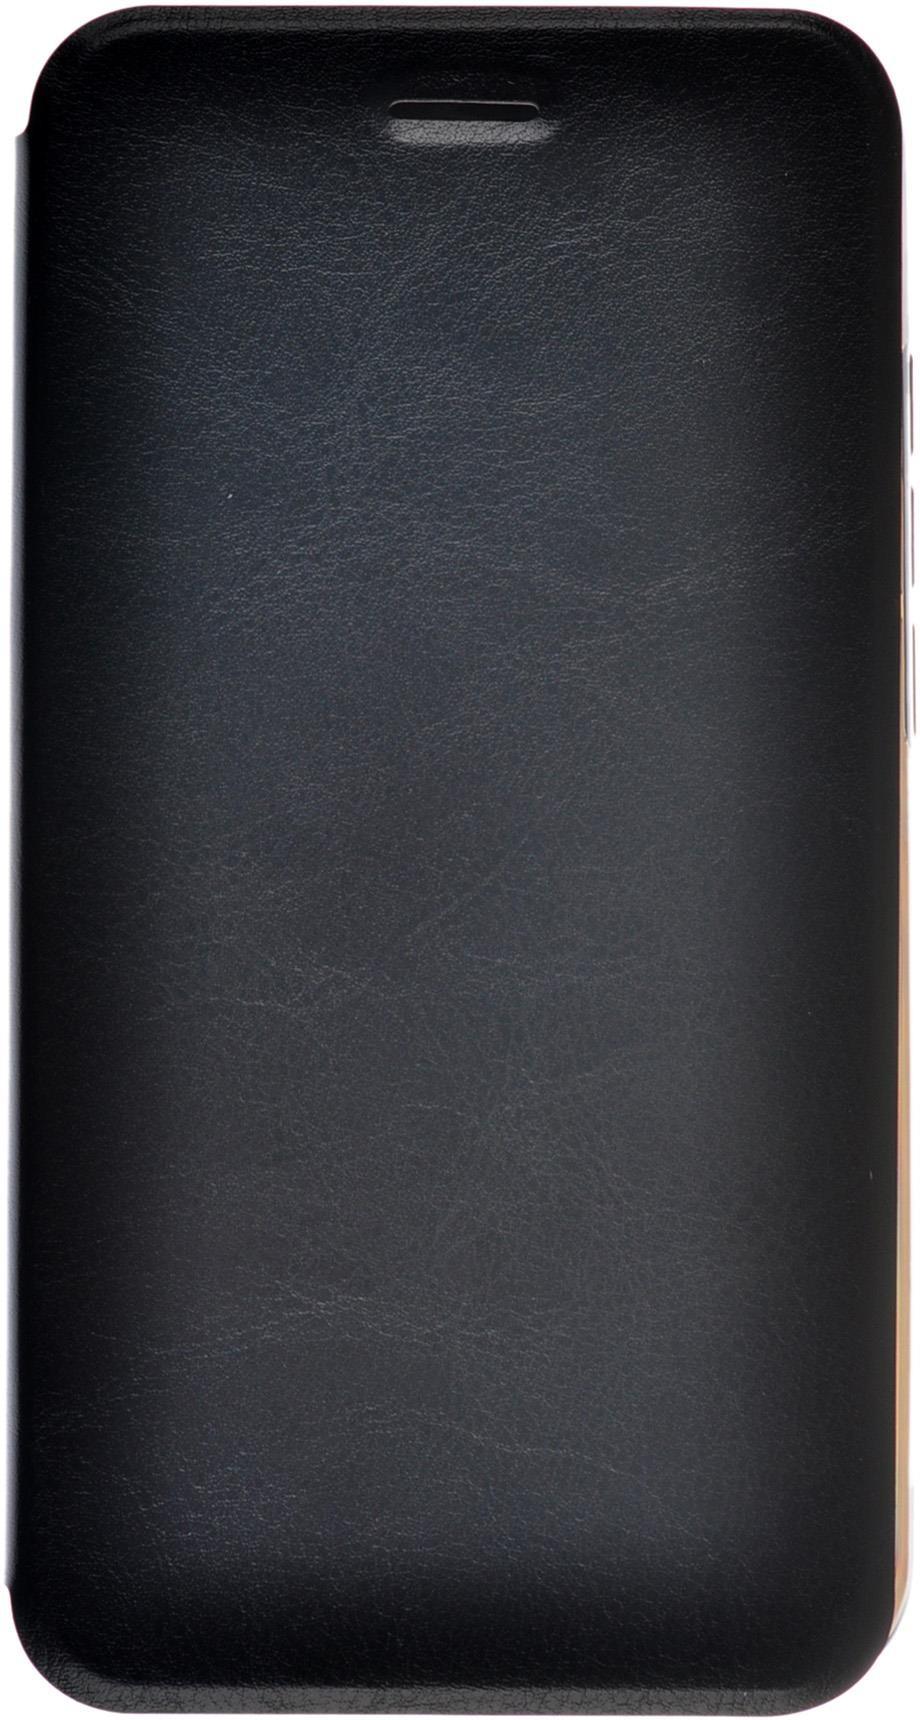 Чехол для сотового телефона skinBOX Lux, 4630042527133, черный все цены